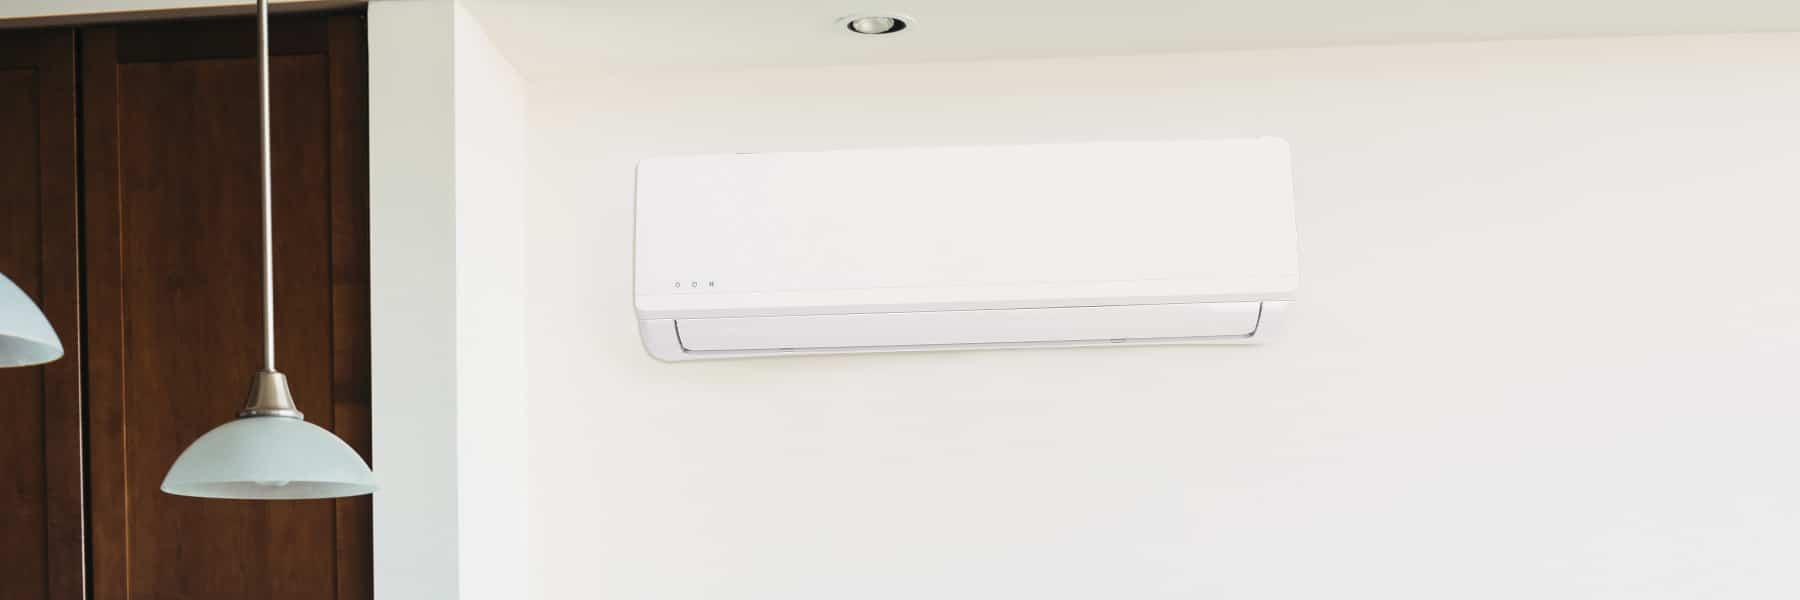 Intelligente Klimaanlage für die warme Jahreszeit